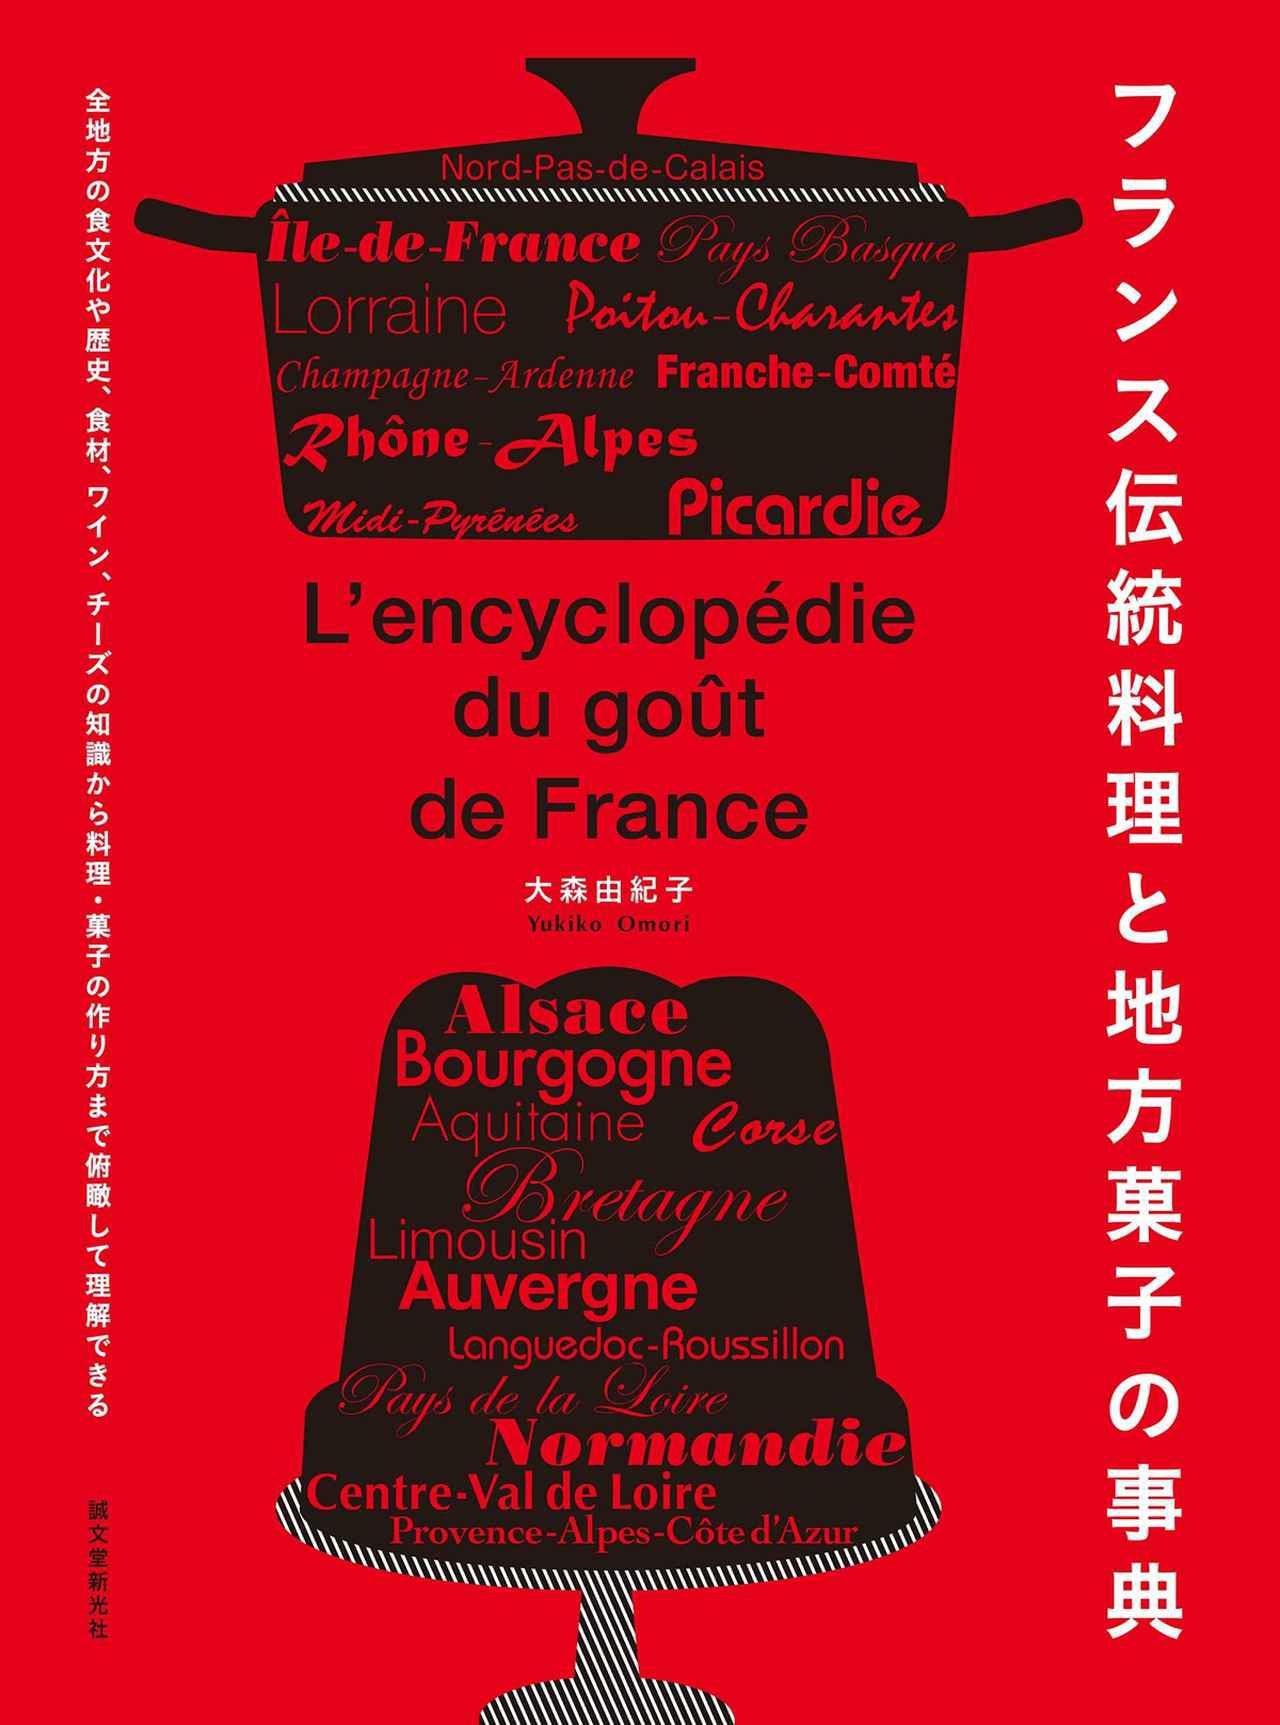 画像: 『フランス伝統料理と地方菓子の事典』〜WK Library お勧めブックガイド〜